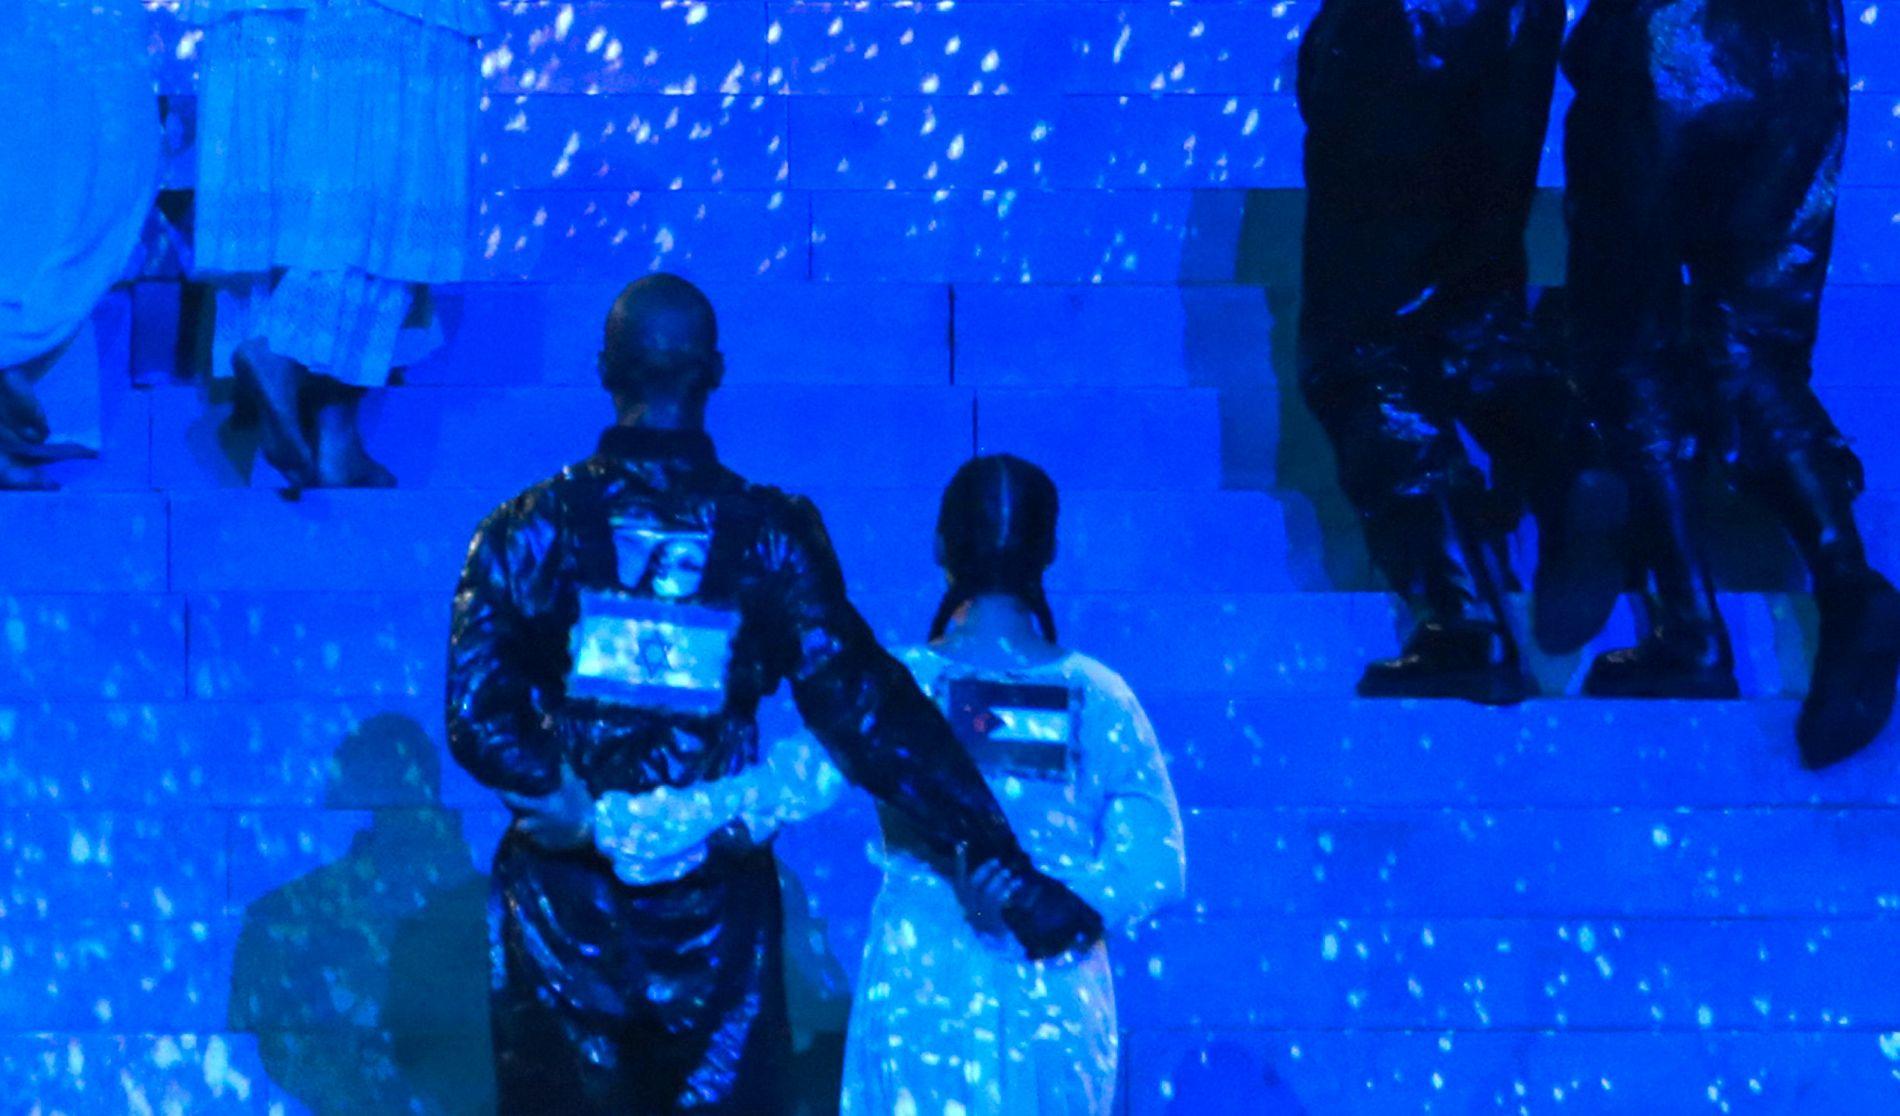 STJERNE: Mona Berntsen har danset for noen av verdens største artister, inkludert Justin Bieber, Chris Brown og Alicia Keys. Her står hun med ryggen til, med palestina-flagget på ryggen.